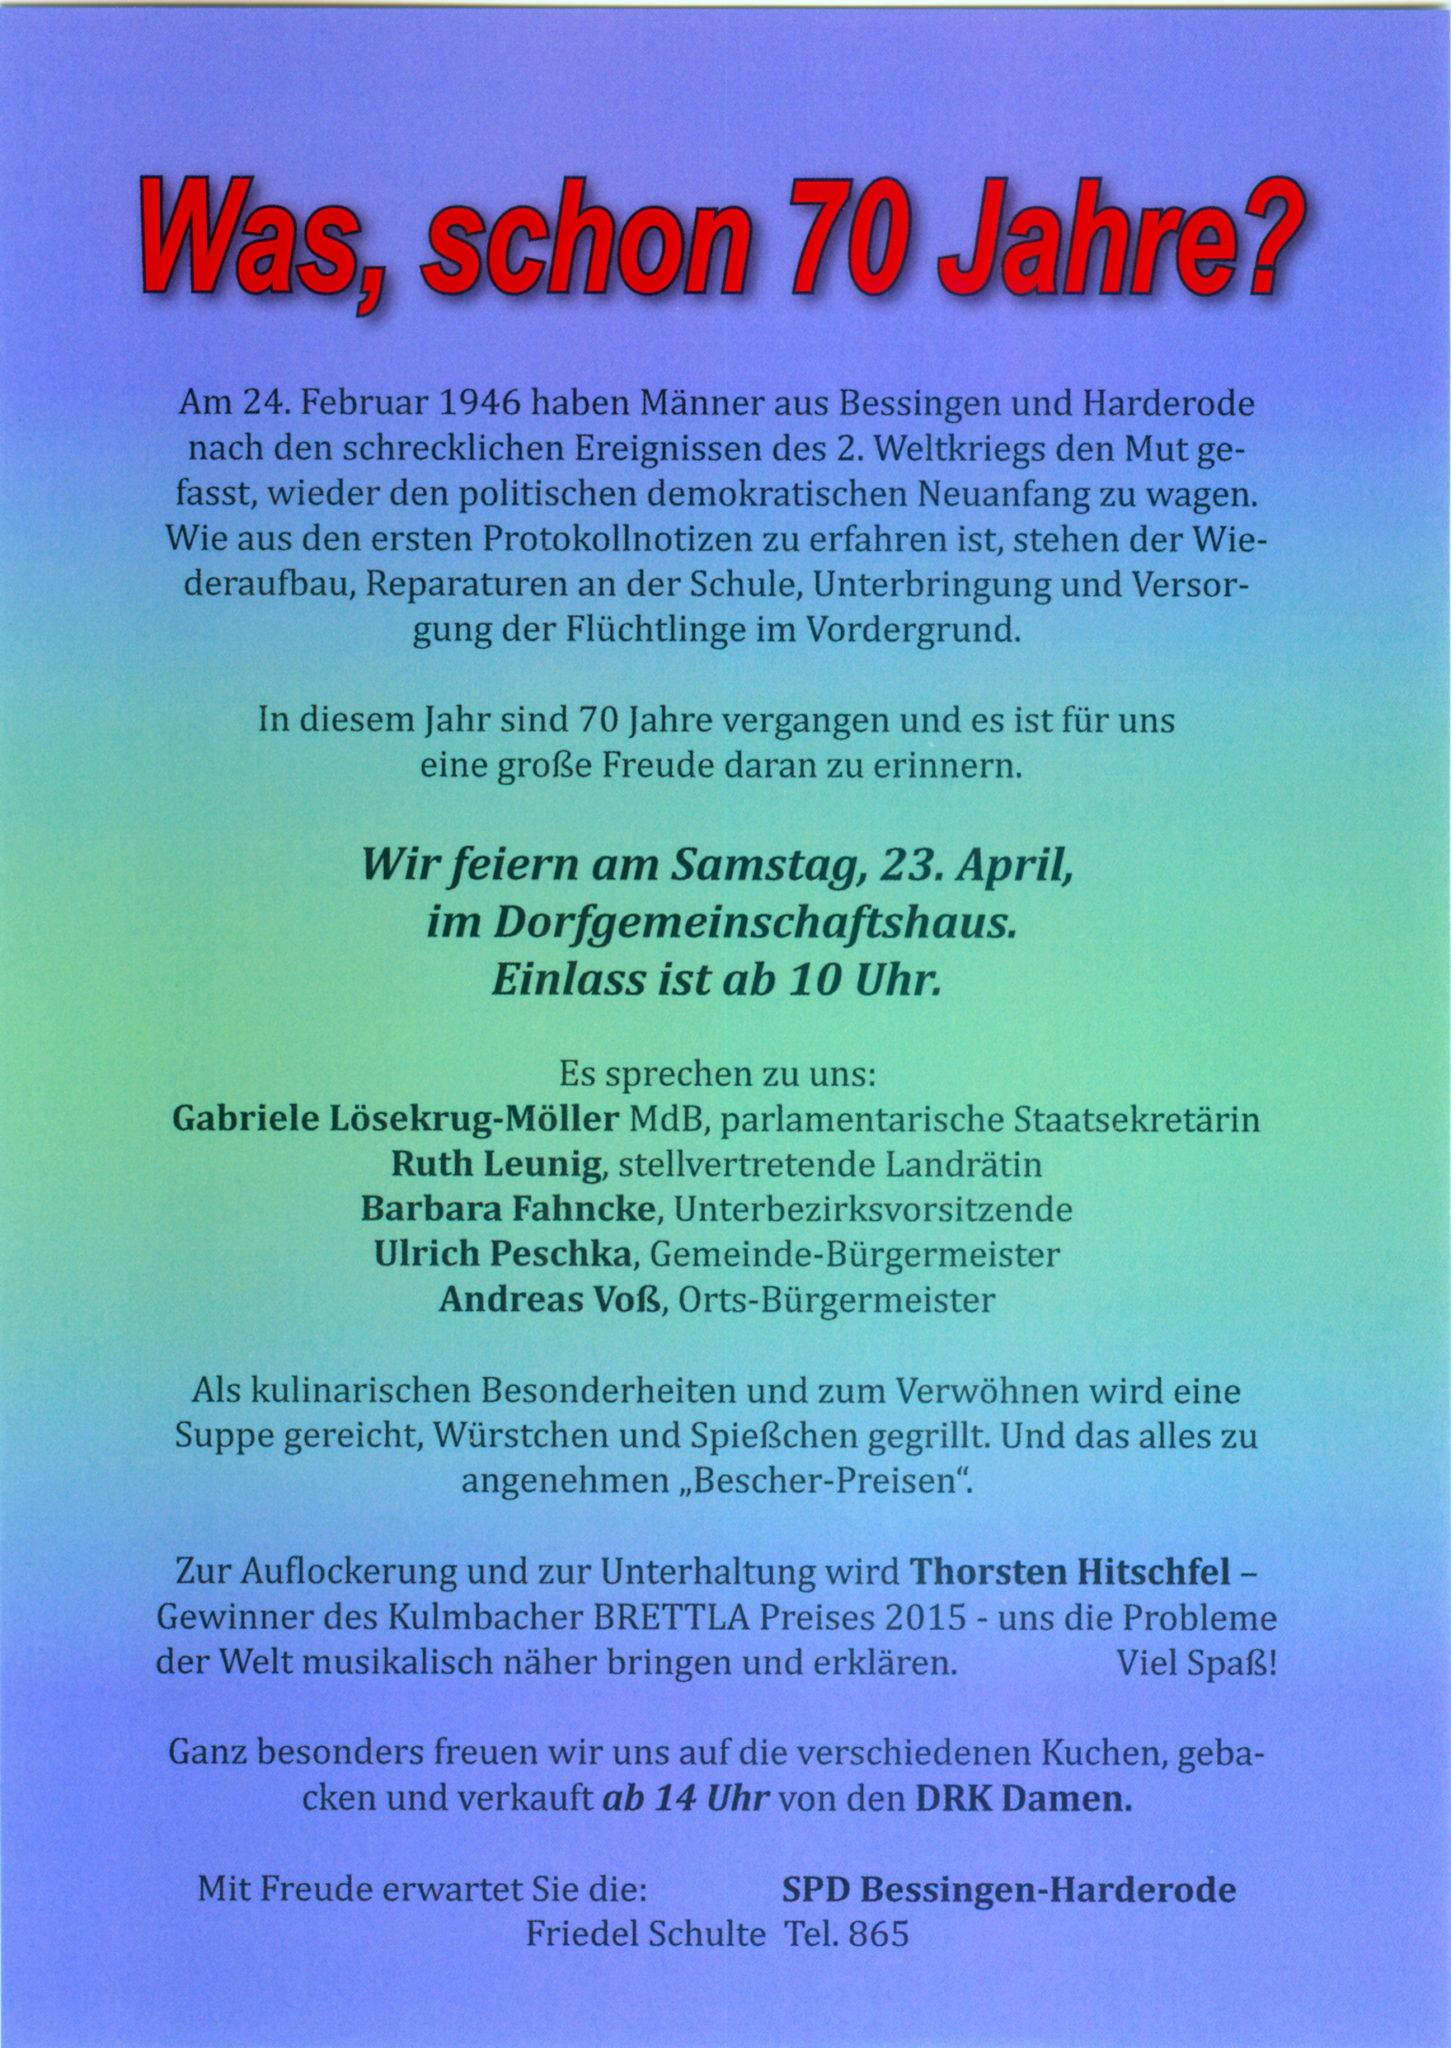 Einladung_70_Jahre_SPD_23-04-2016